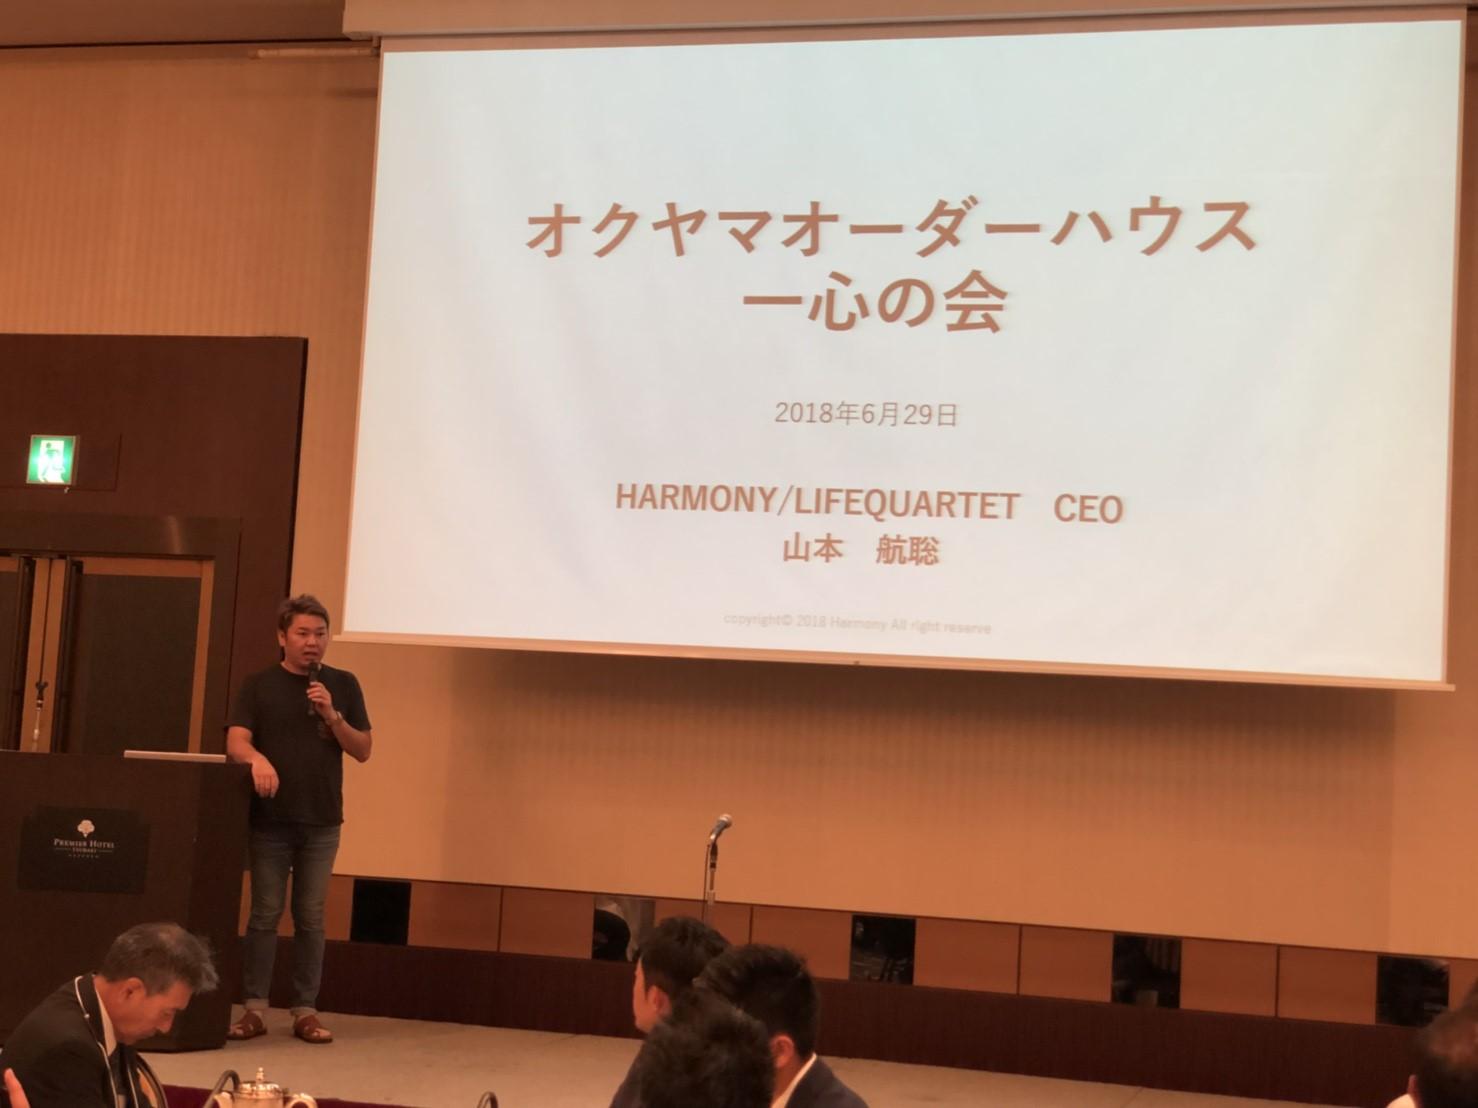 北海道FCパートナーオクヤマオーダーハウス様「一心の会」へ